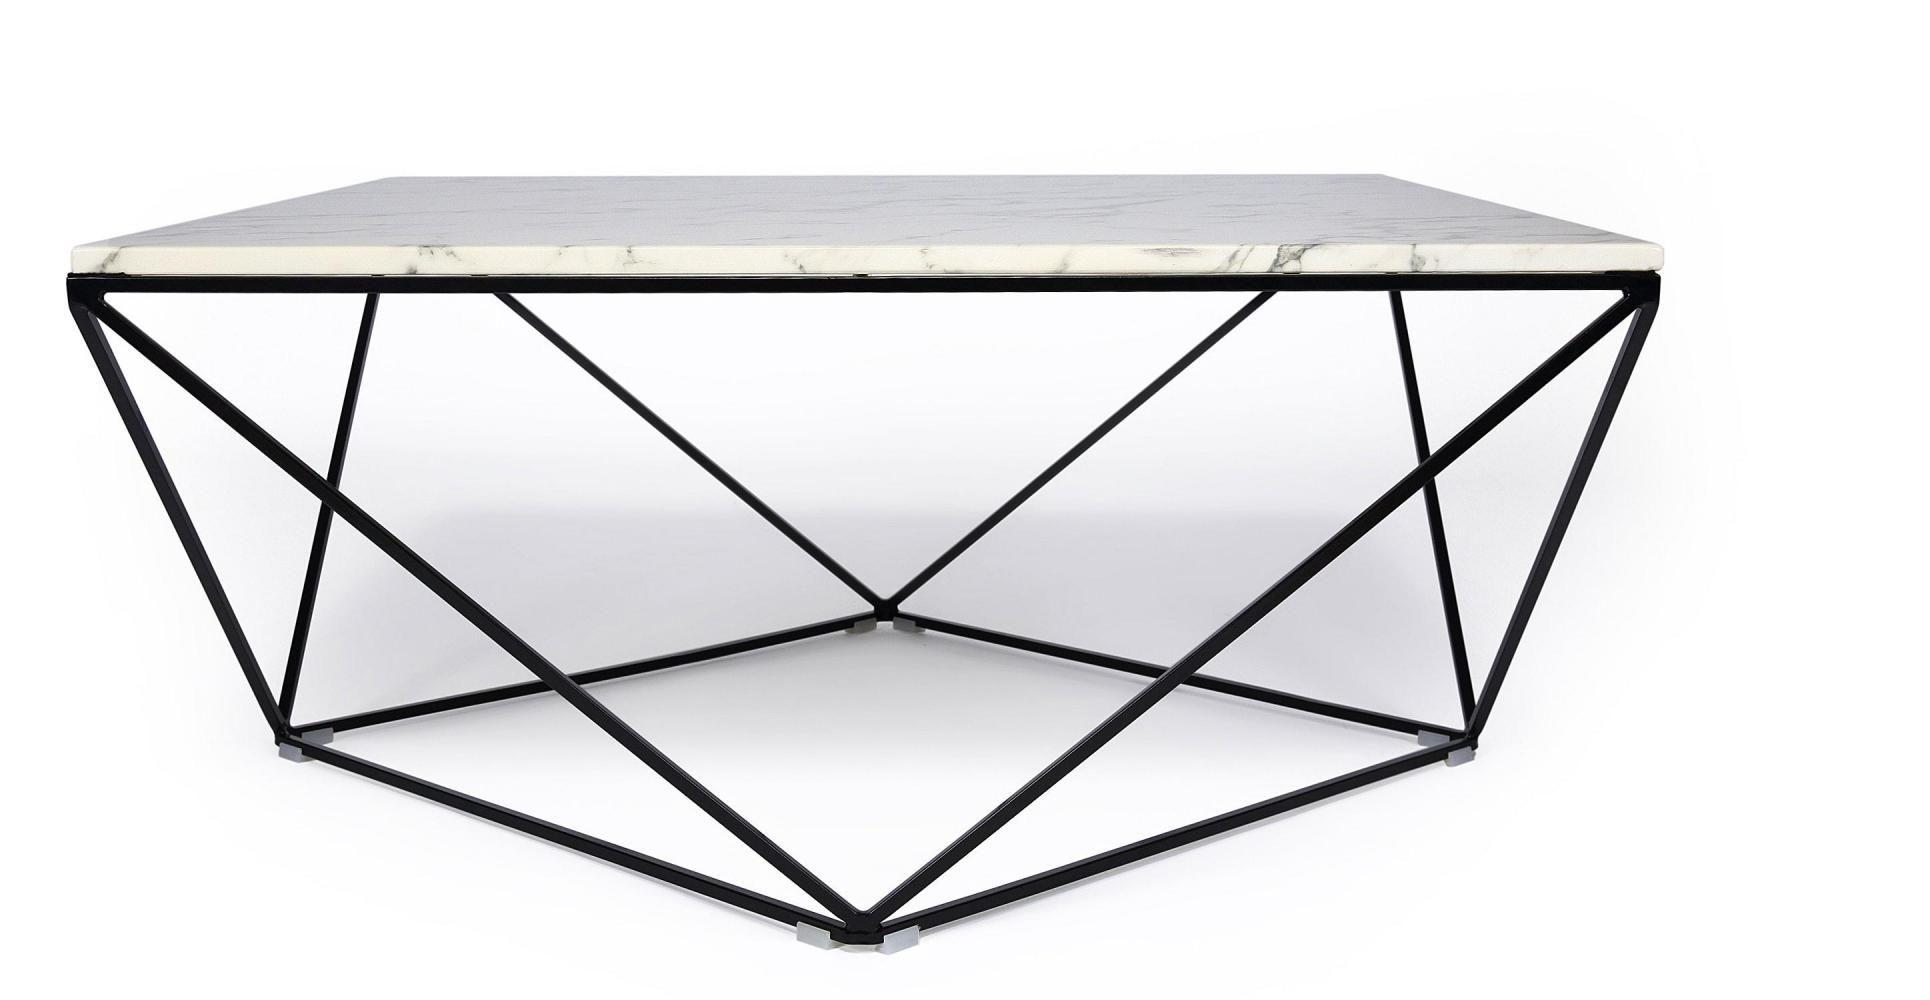 Achetez Notre Bola Table Basse Ronde En Fer Forge Design Pour Une Ambiance Contemporaine A Utiliser En Table Basse Ou Round Accent Table Table Accent Table